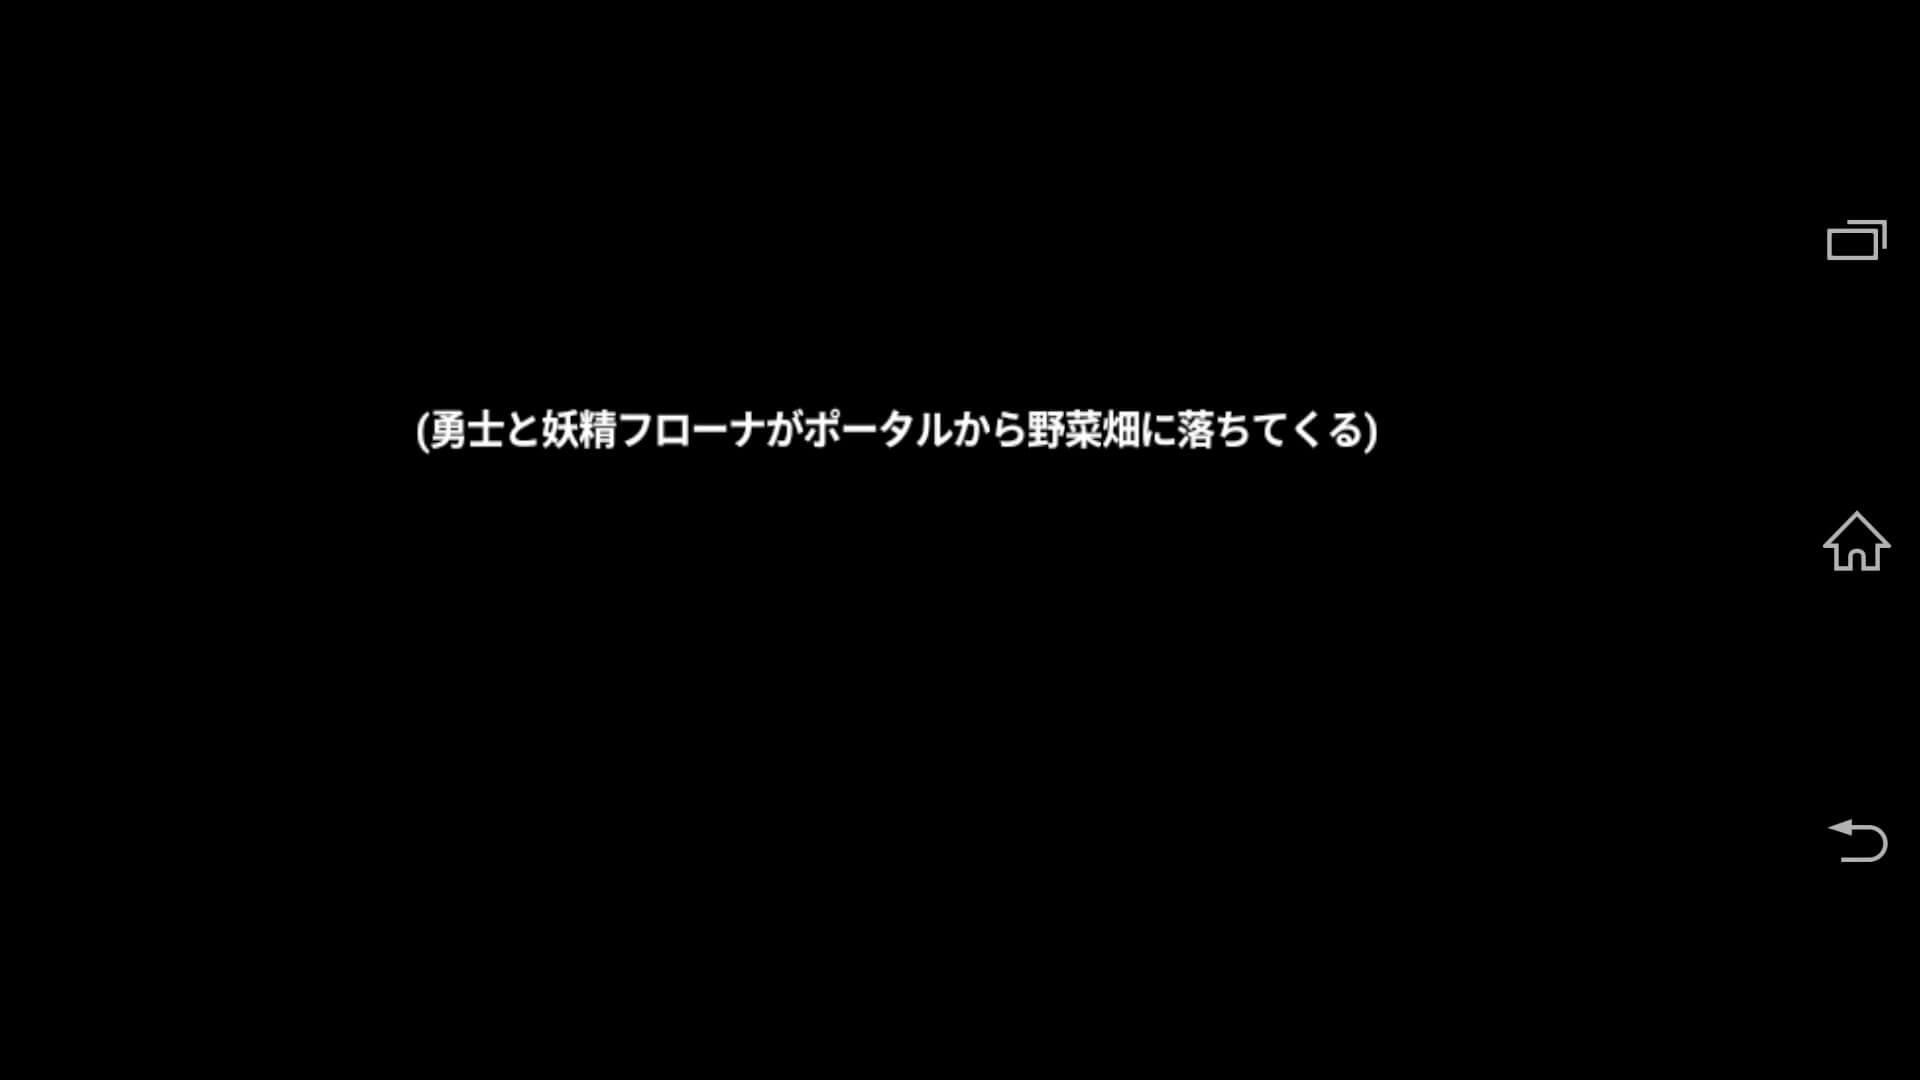 黒い画面に文字だけで「勇士と妖精フローナがポータルから野菜畑に落ちてくる」と表示されています。